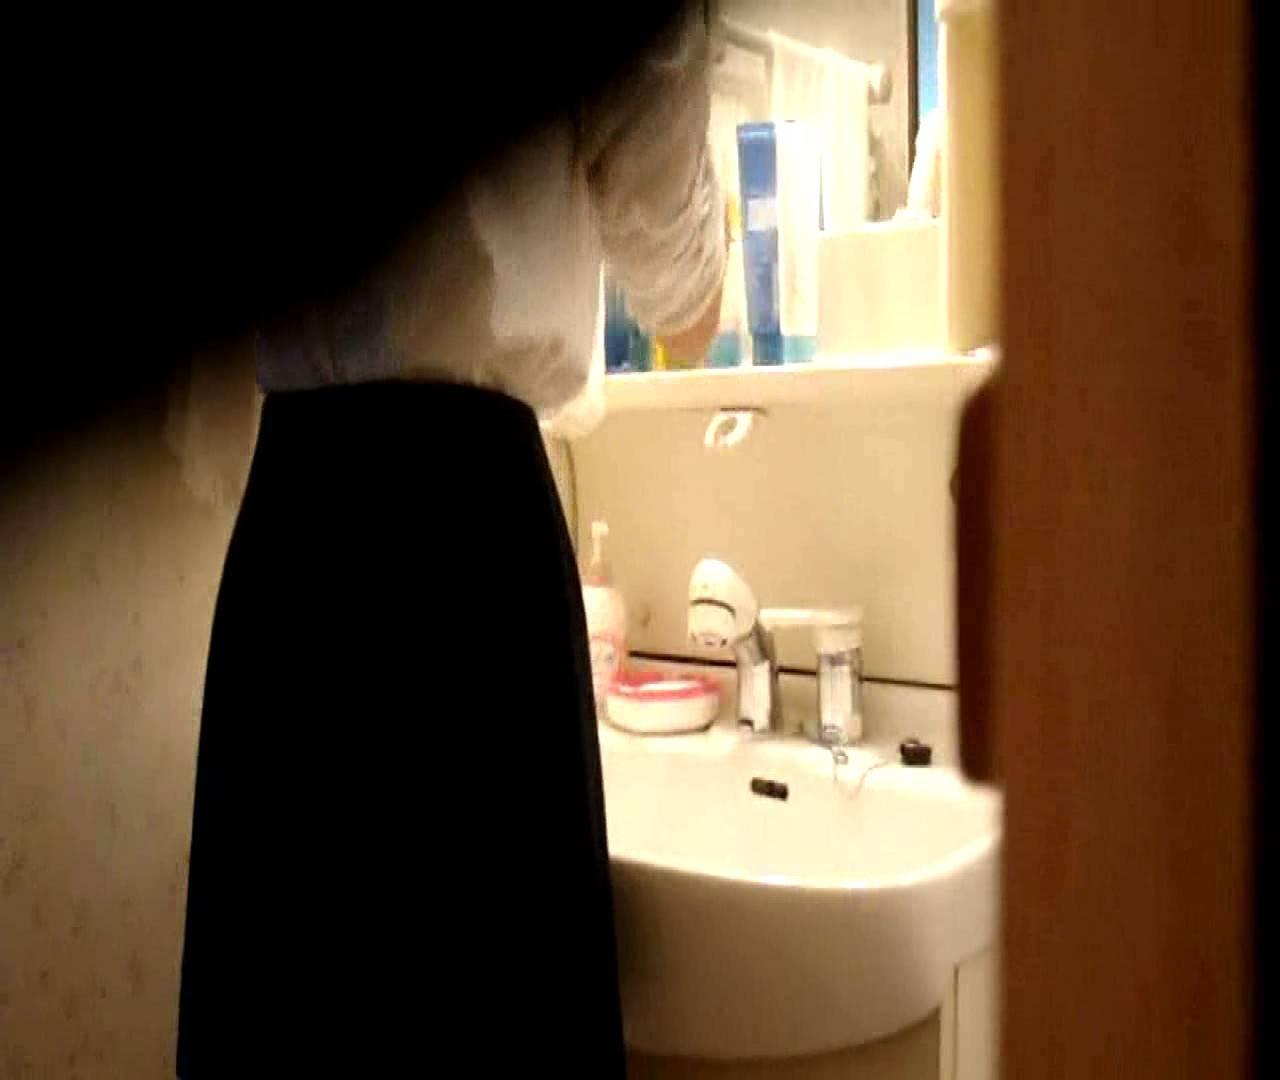 vol.5 まどかが帰宅後の洗顔後にブラを洗ってます。 ○族 ヌード画像 21画像 11